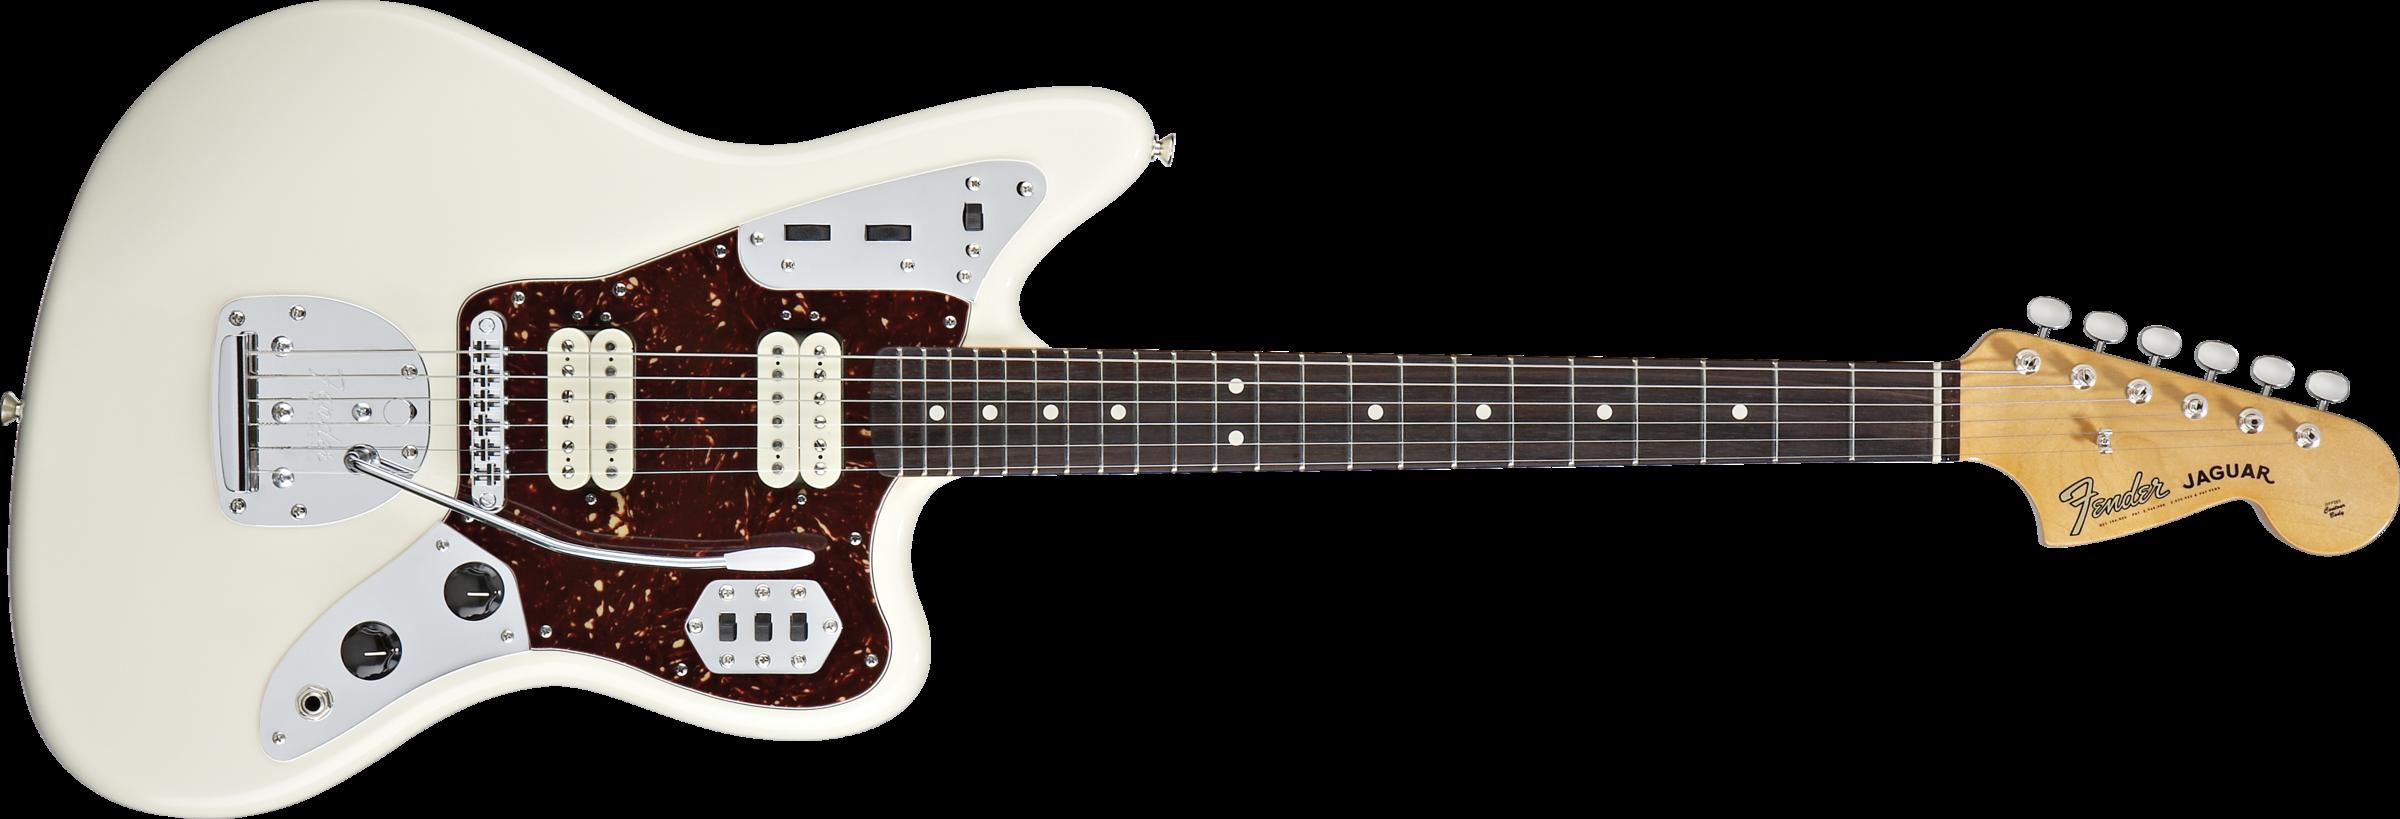 player dk guitar fender electric jaguar hh classic pf special owt